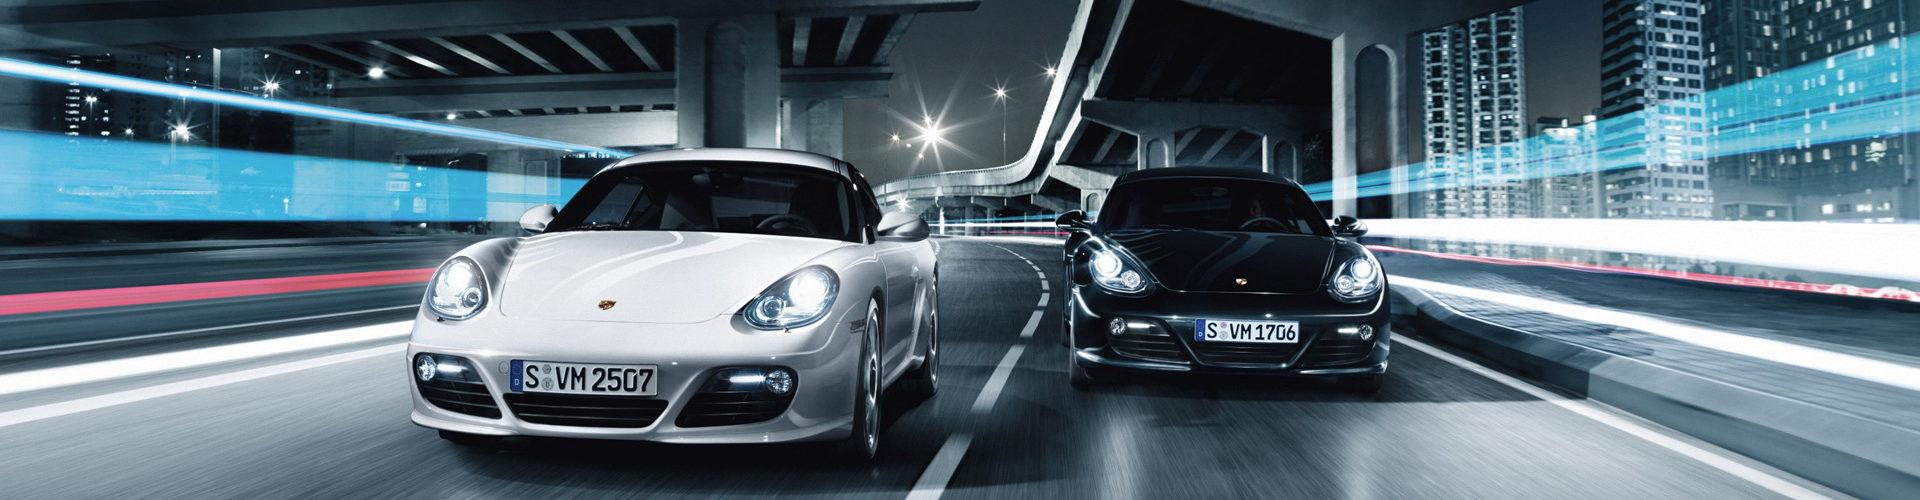 Как оформить куплю-продажу автомобиля по новым правилам 2016